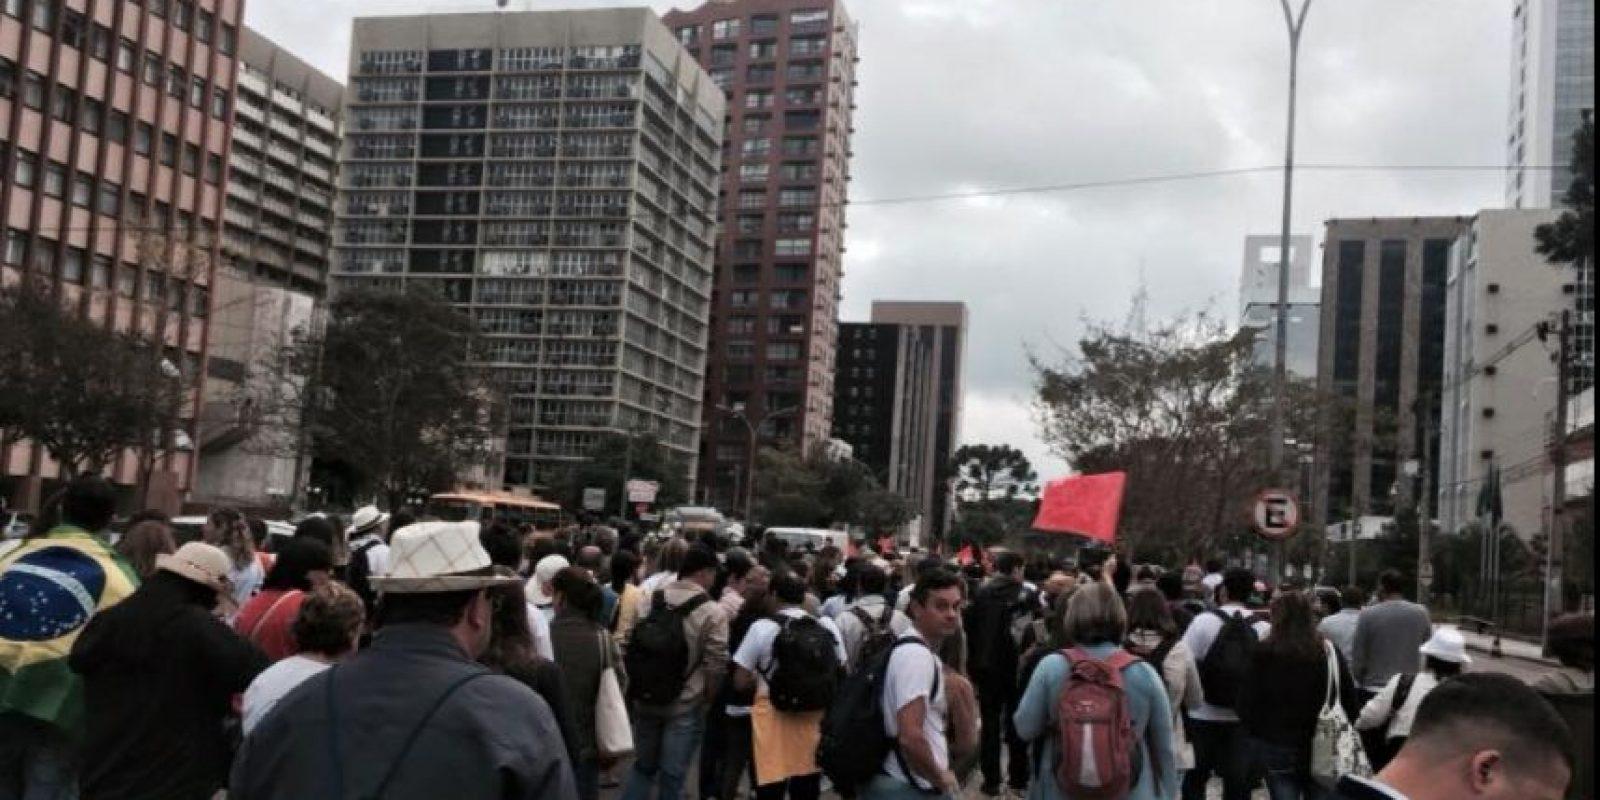 Los maestros en huelga marcharon hoy en contra de la ley de pensiones. Foto:Vía Twitter @syndicalisms